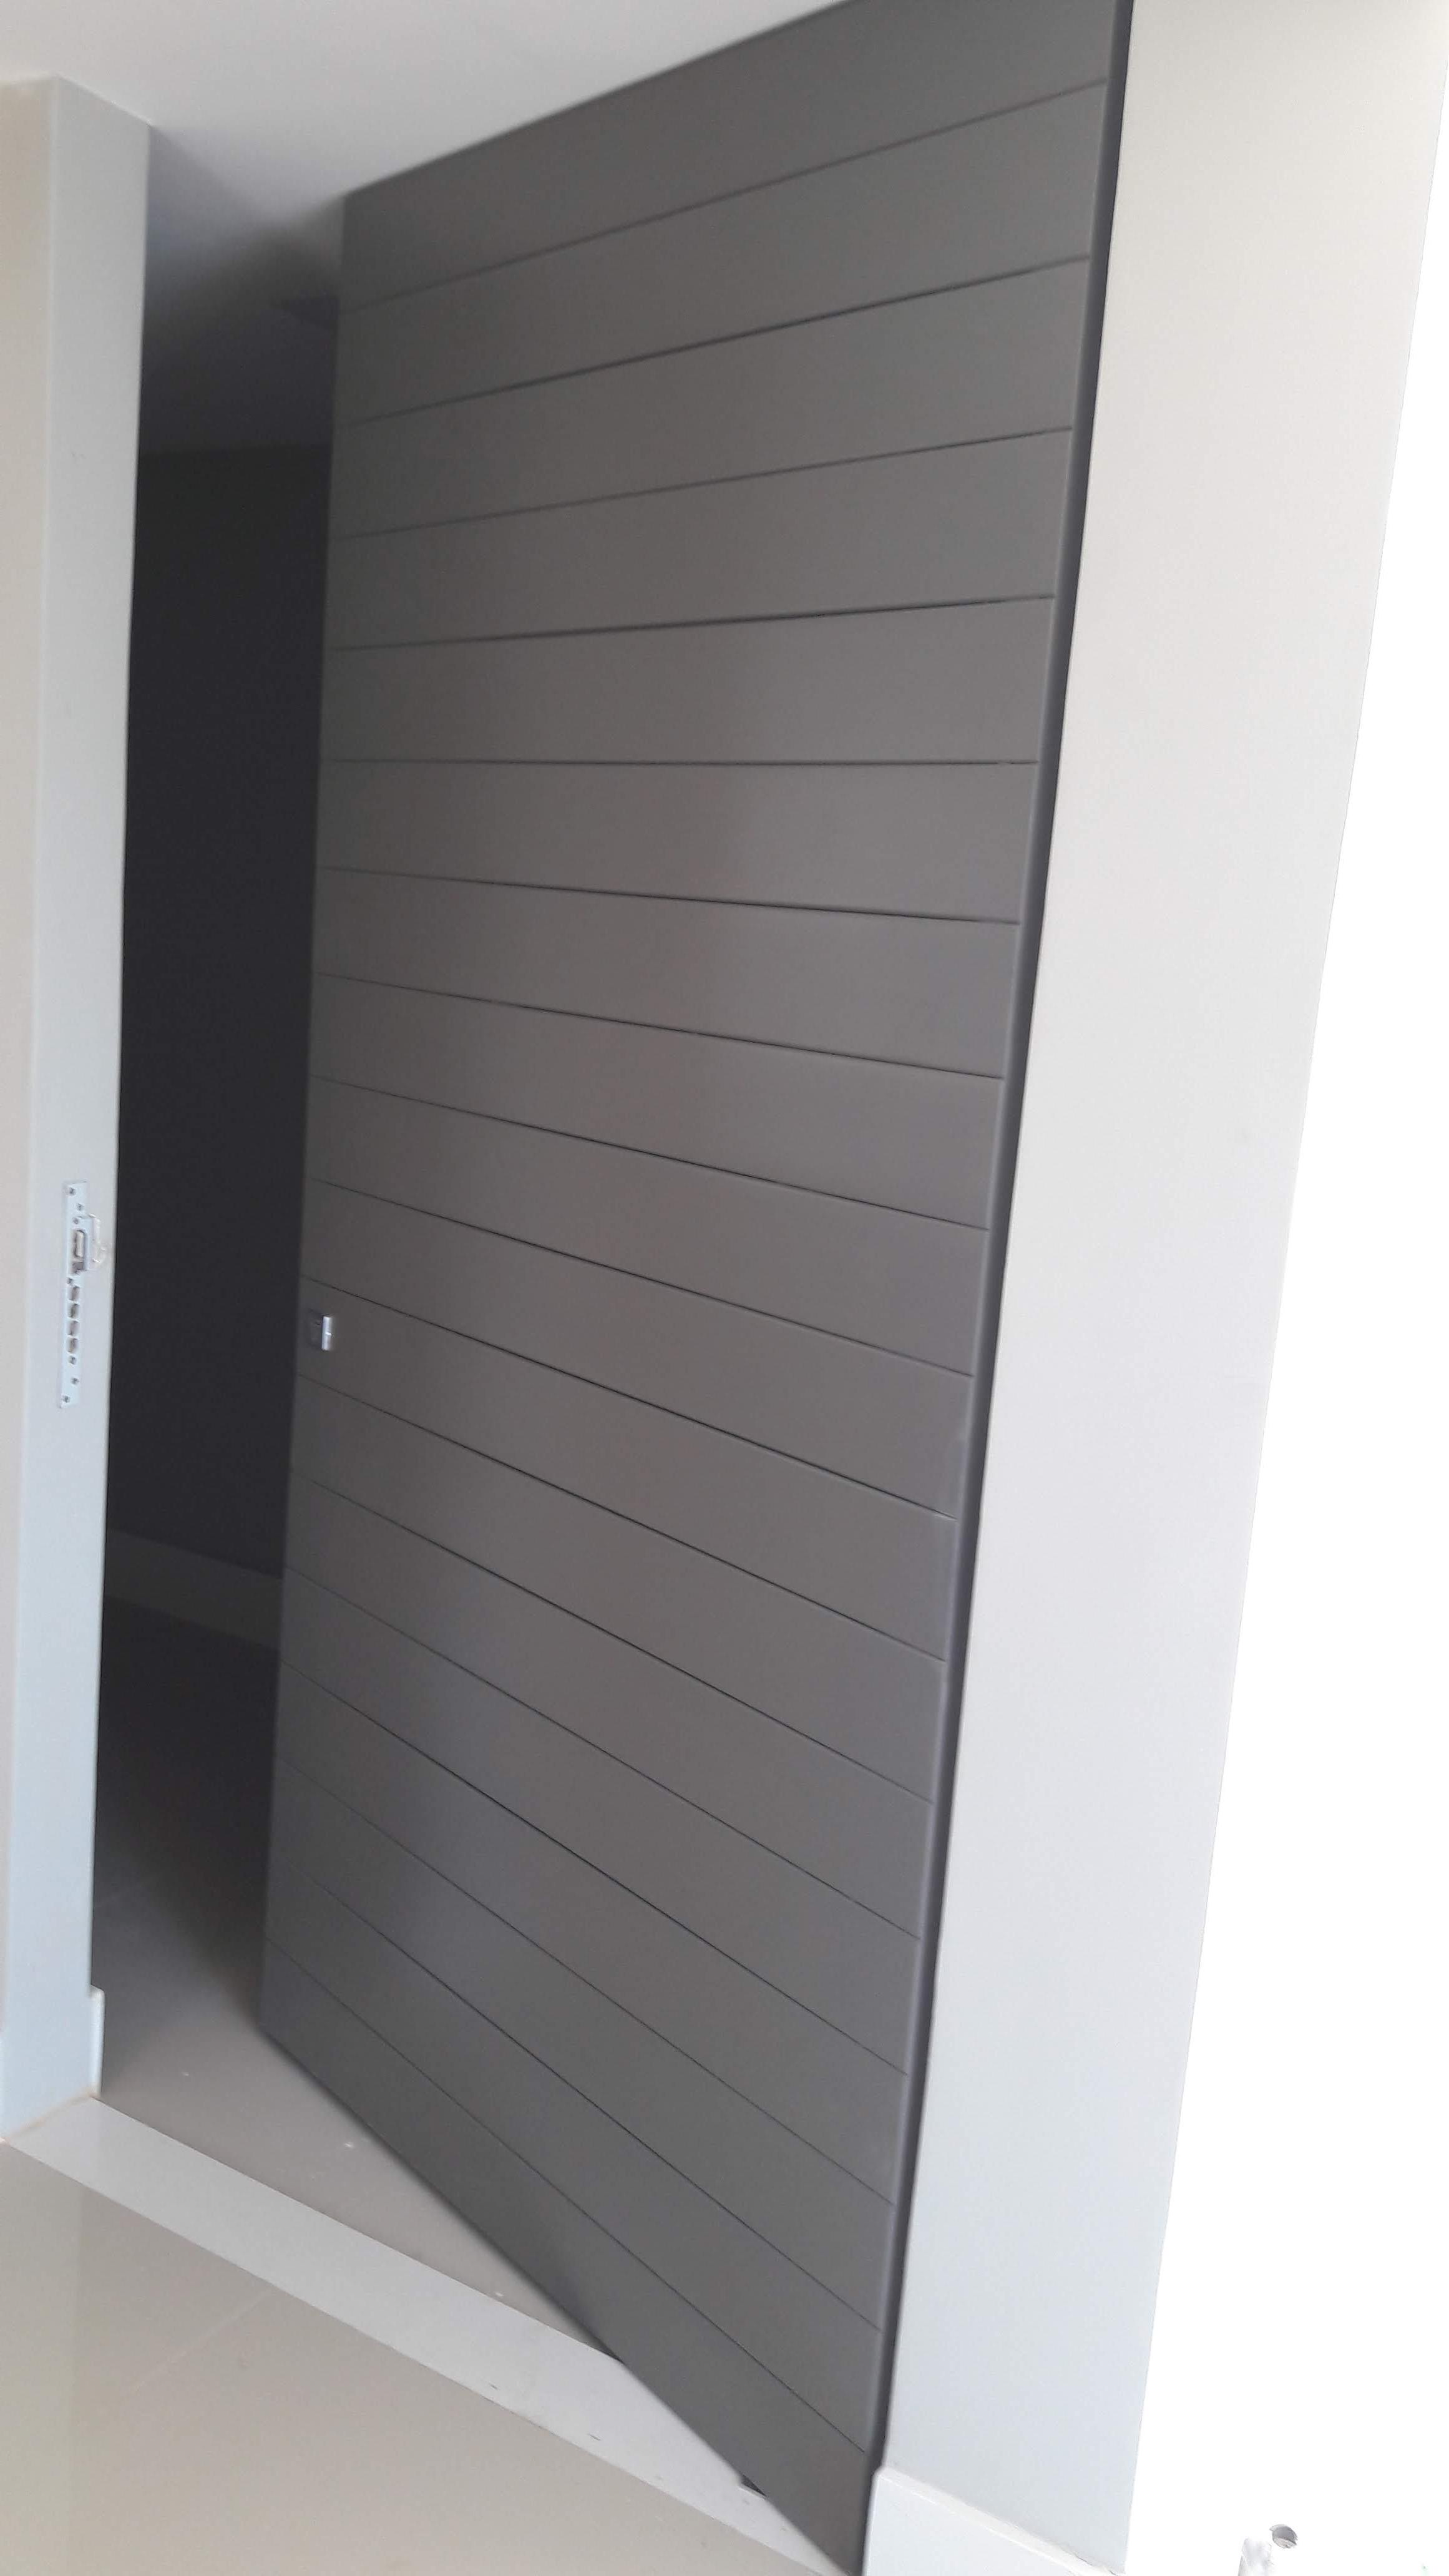 Porta 704 -Porta de entrada, frisada, sistema de abertura pivotante e pintada em laca cinza.